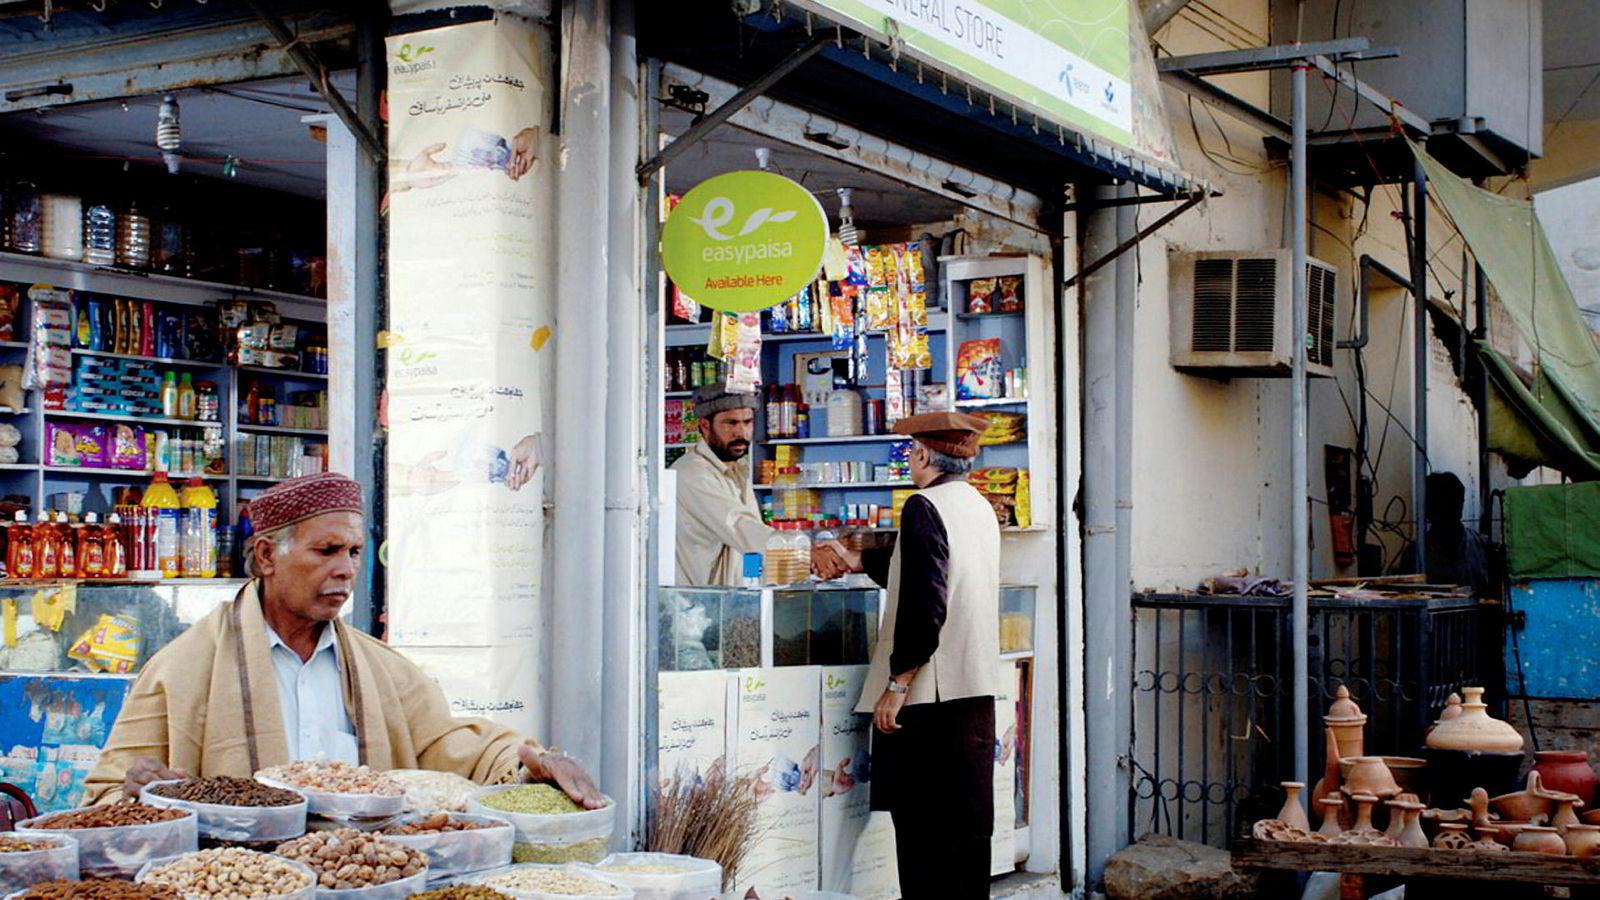 Telenor har via datterselskapet Telenor Microfinance Bank hatt suksess med betalingstjenesten Easypaisa i Pakistan. Nå kjøper kinesiske Ant Financial inn seg i virksomheten og betaler vel 1,4 milliarder kroner for 45 prosent.